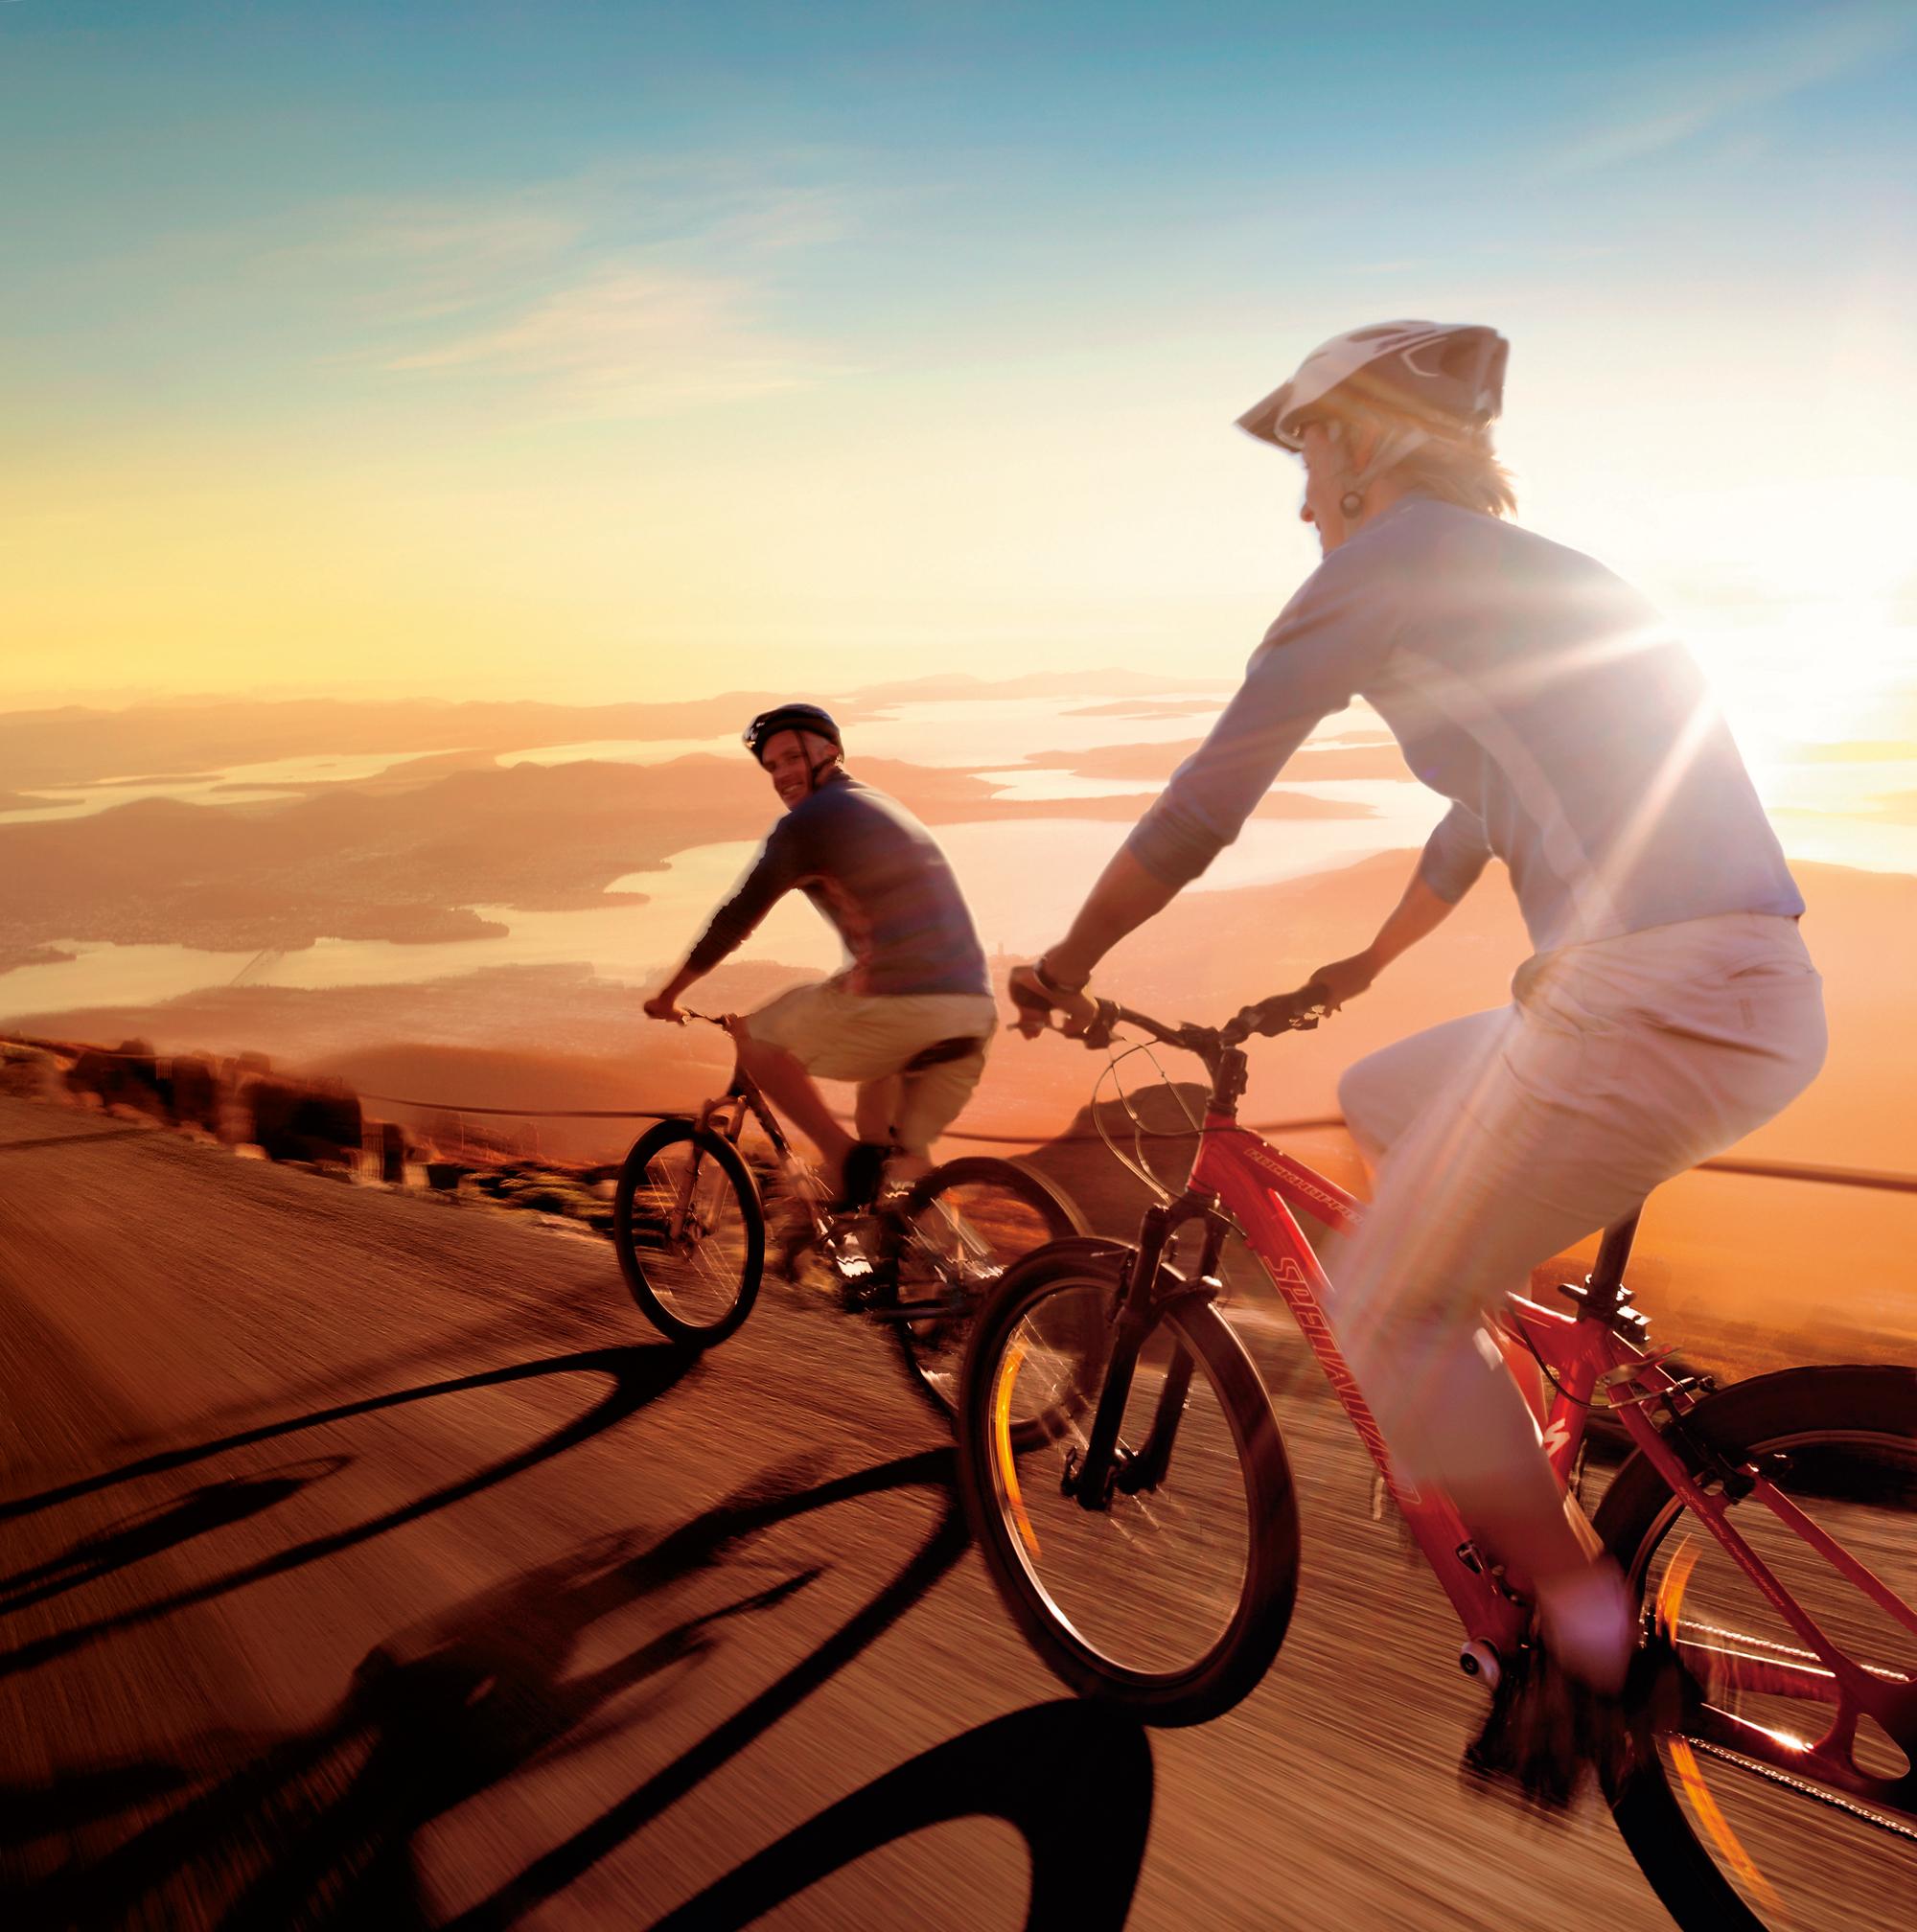 riders bike